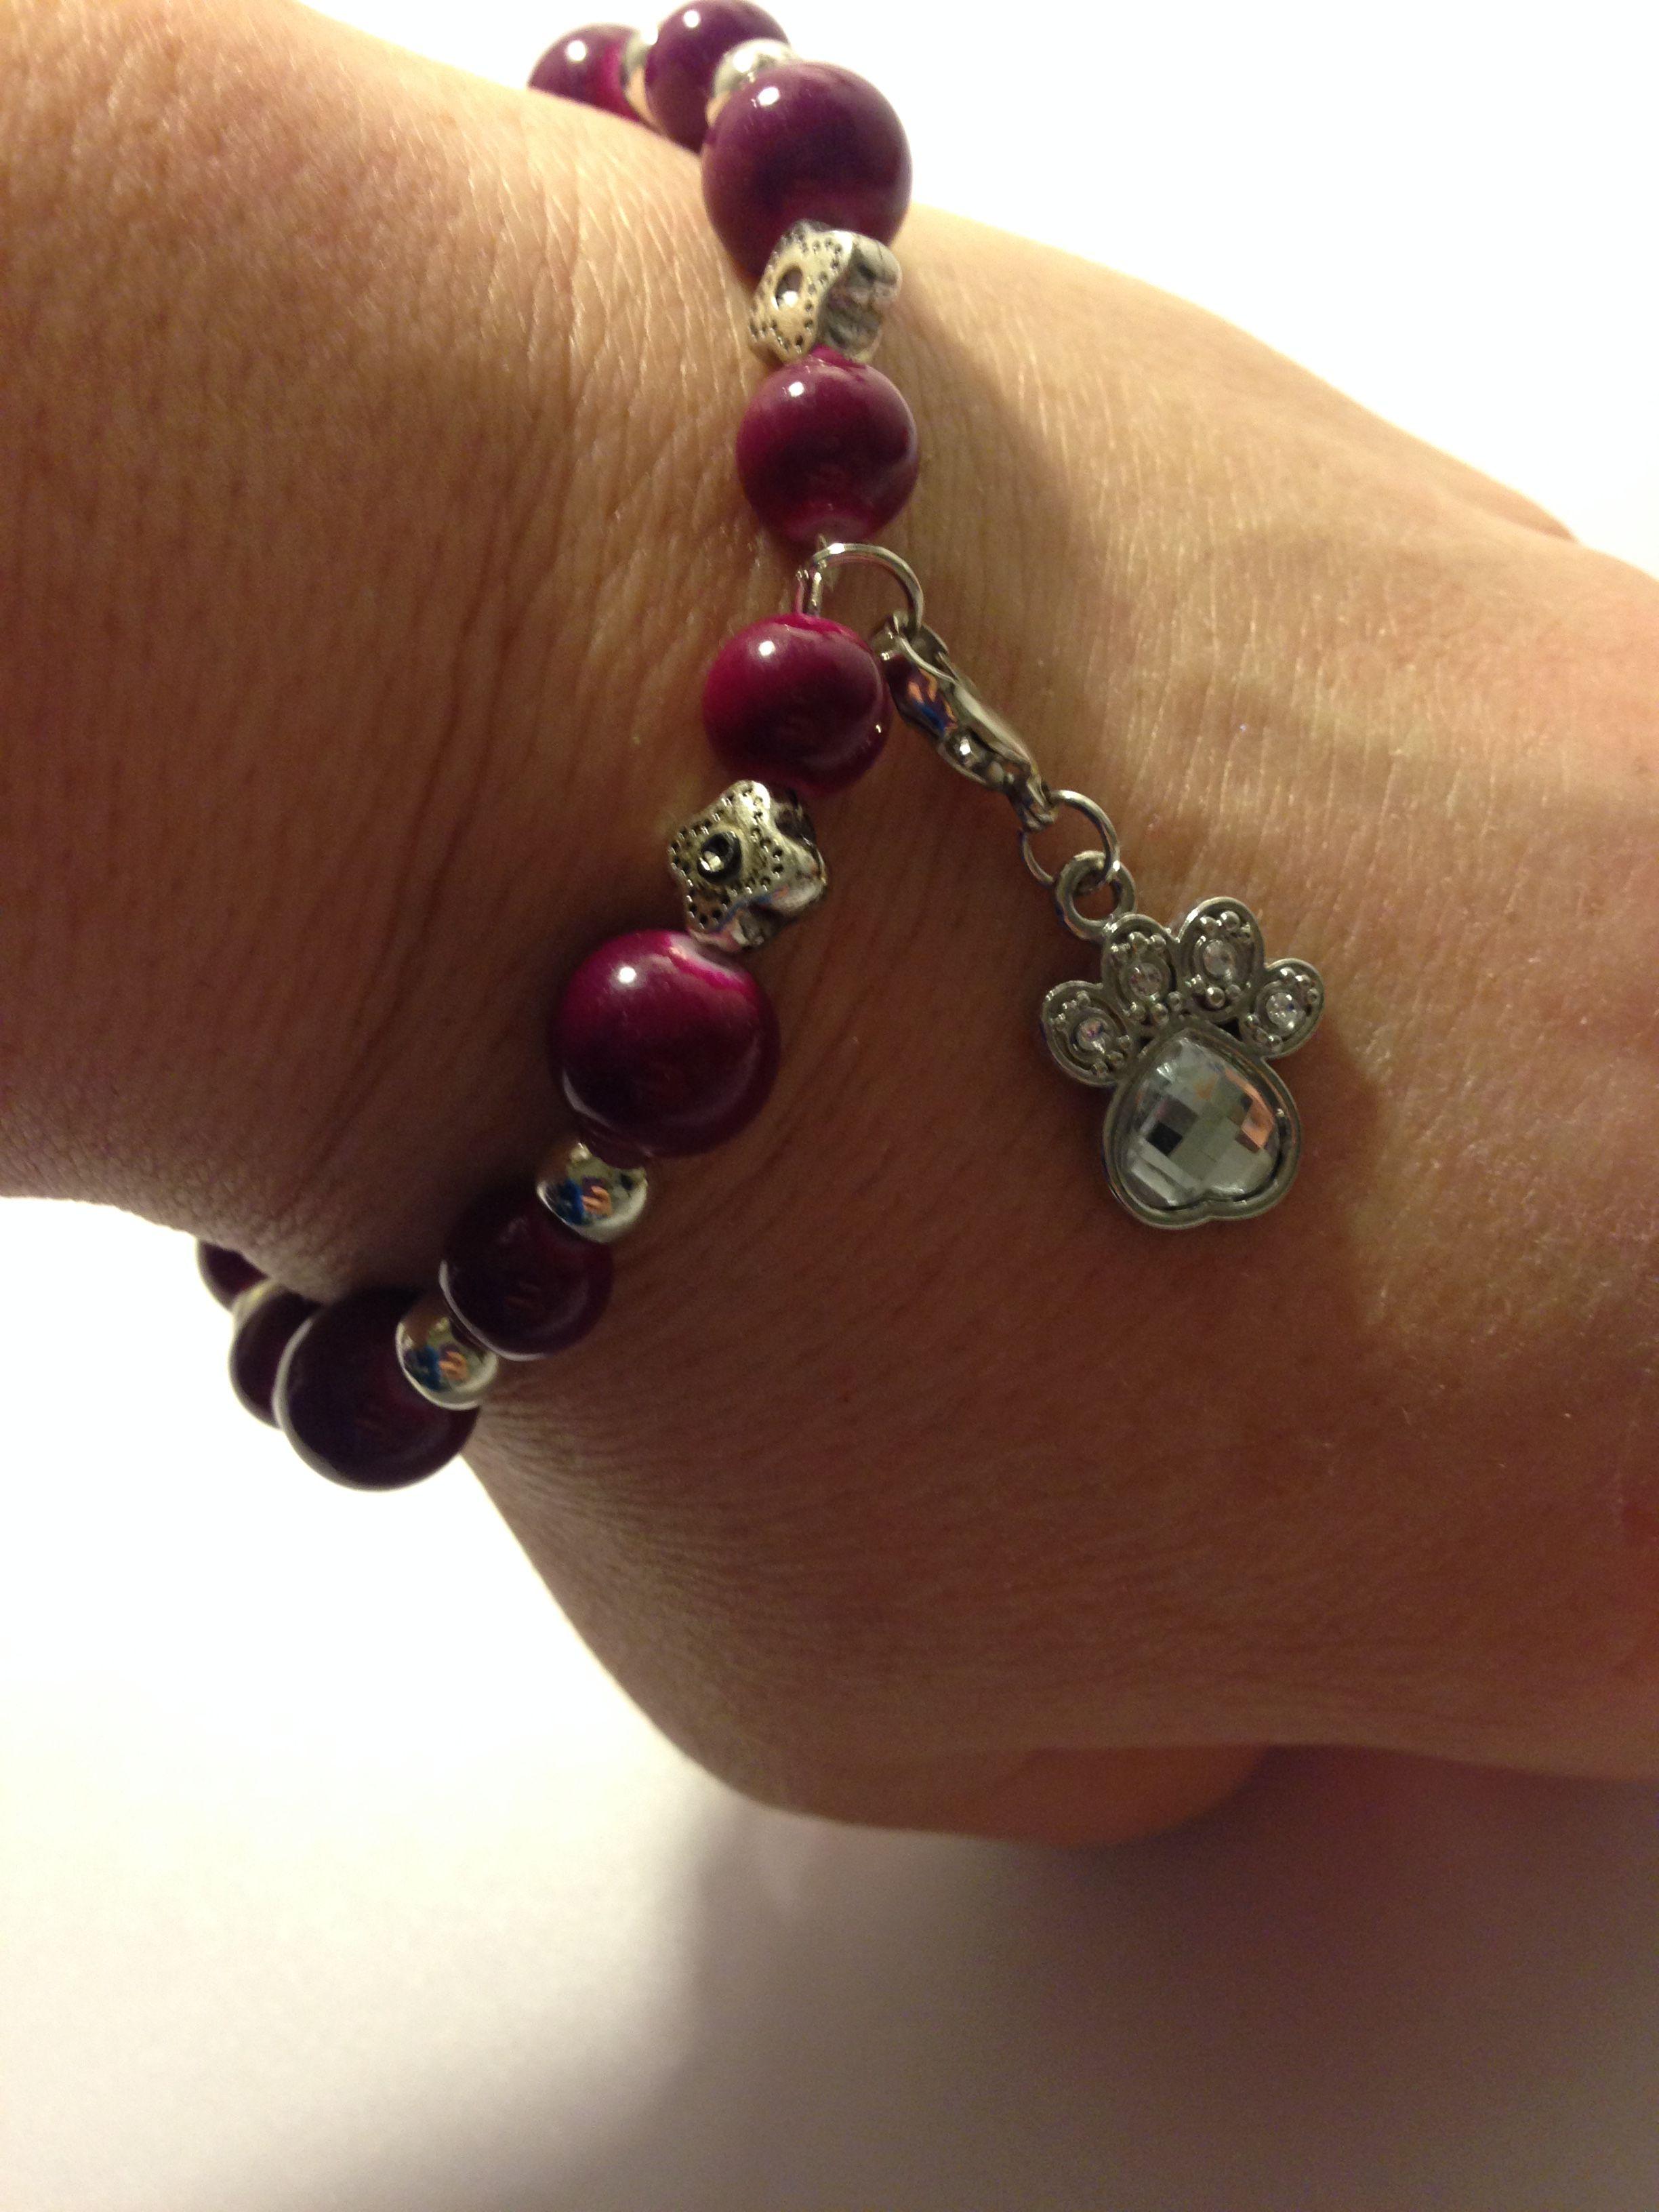 Beaded Bracelet with Paw Print Charm